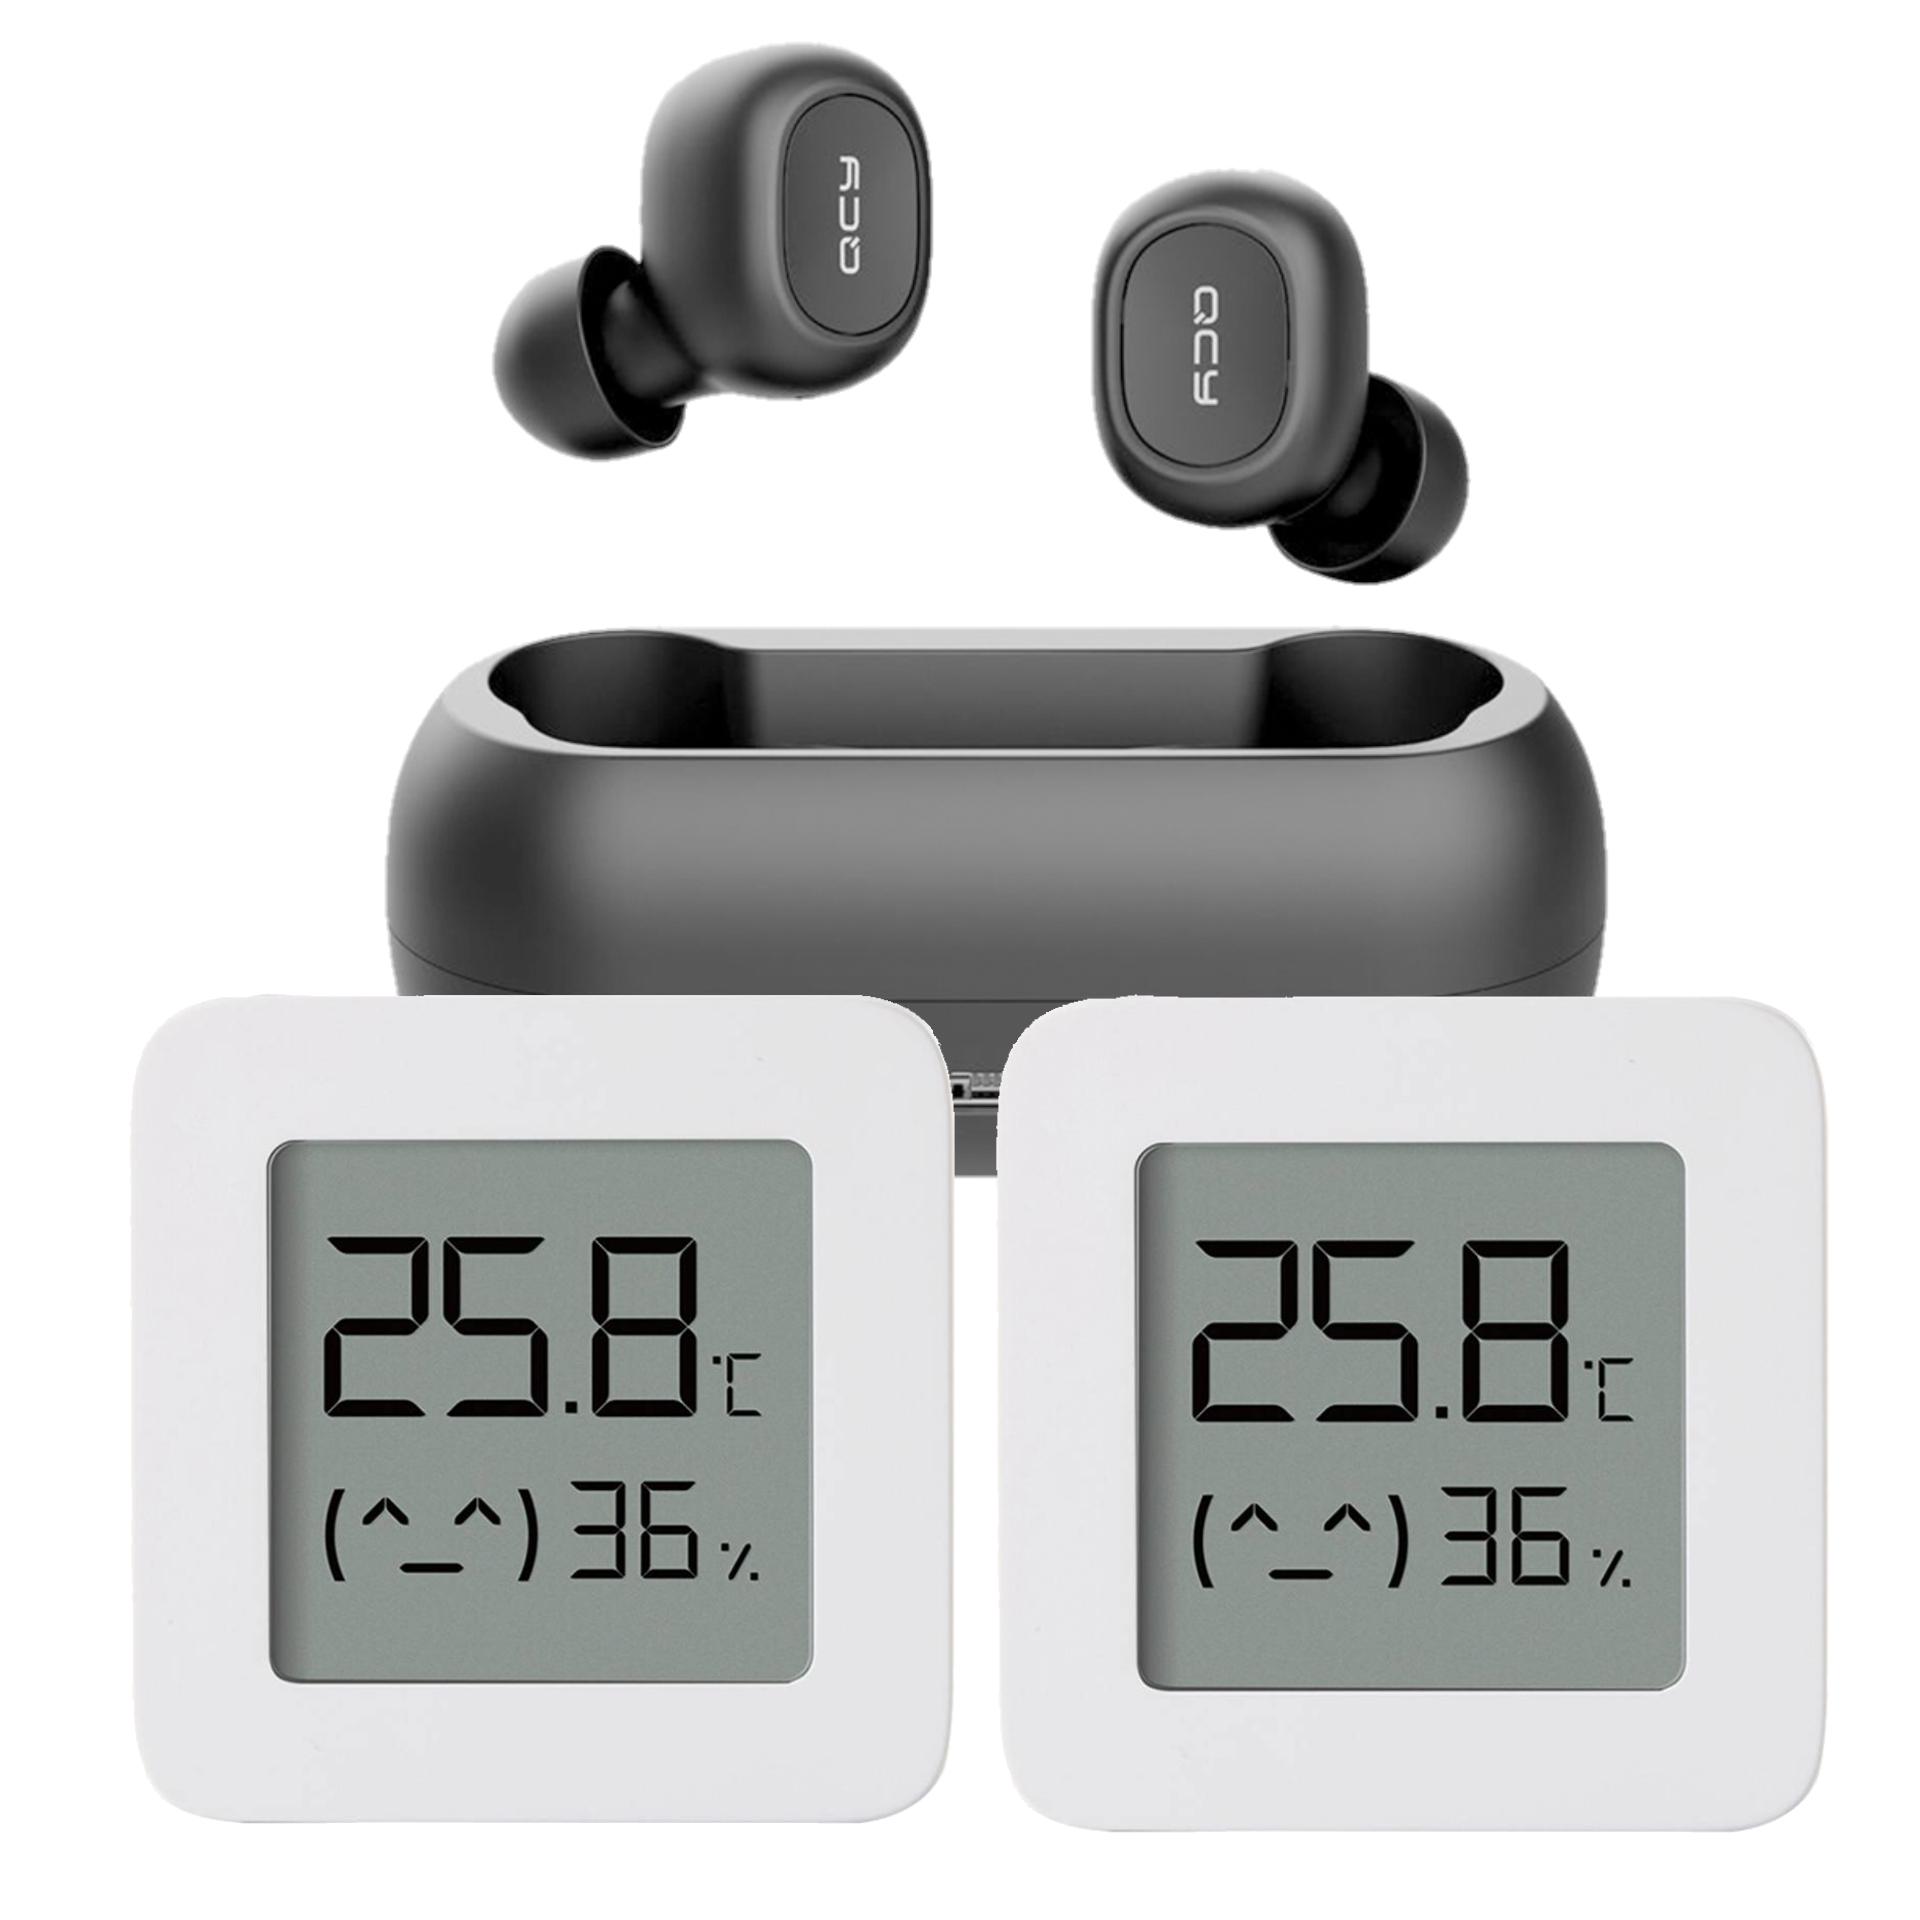 QCY T1C TWS Kopfhörer + 2x Xiaomi Thermometer (Bluetooth, Gateway Kompatibel, 1 Jahr Akkulaufzeit, CR2032 Enthalten)